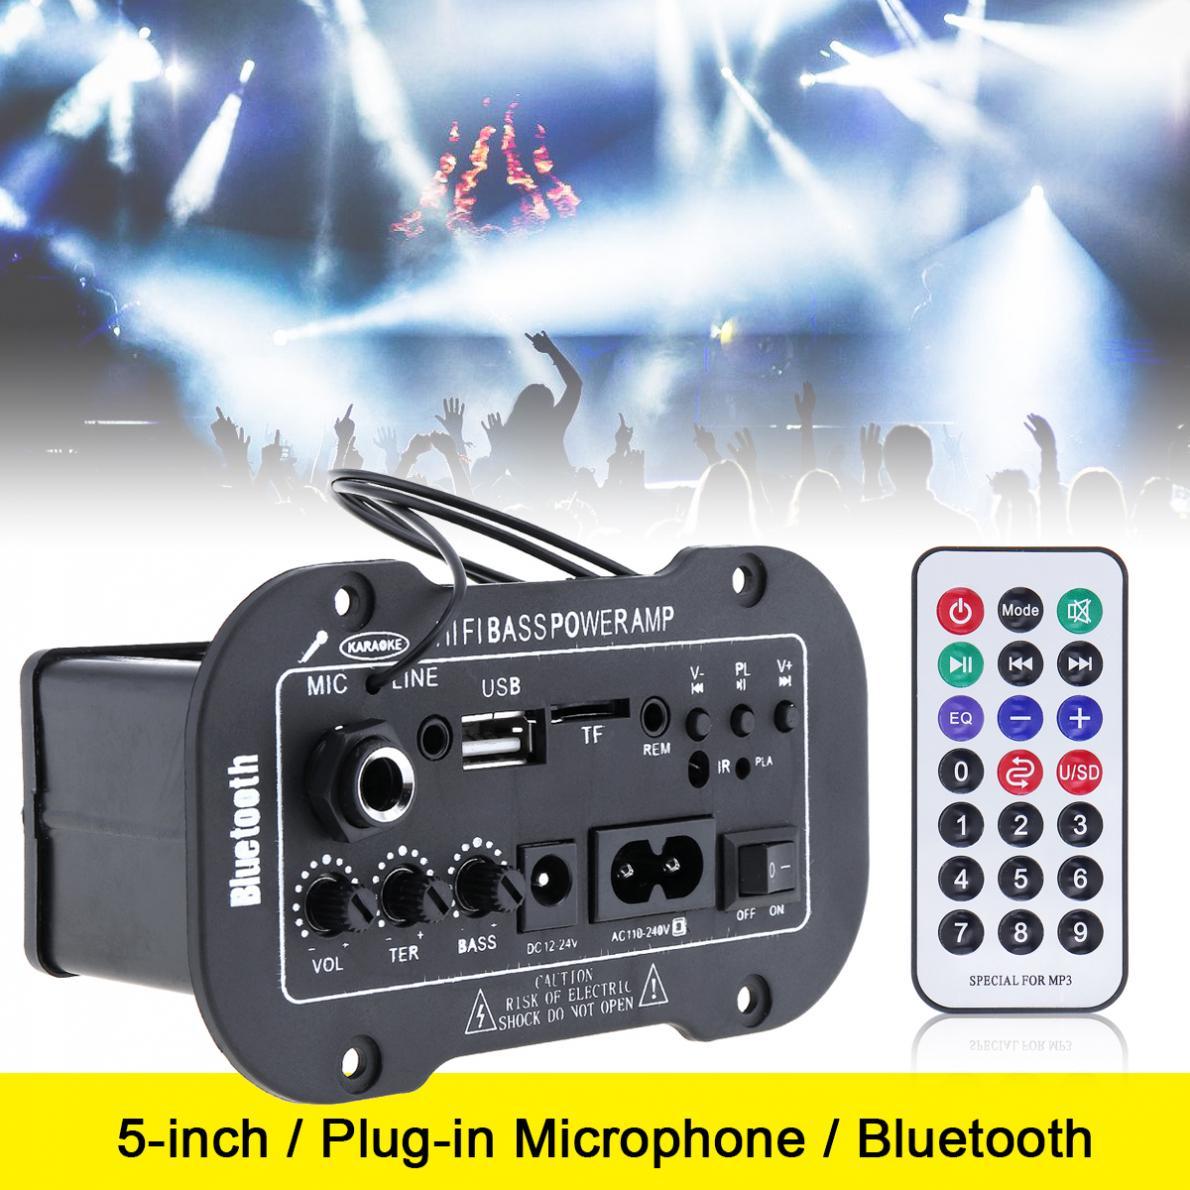 AMPLIFICADOR DE POTENCIA DE Audio para coche Bluetooth de 5 pulgadas, Radio ESTÉREO FM, compatible con micrófono, SD, USB, DVD, MP3, entrada para coche, motocicleta, hogar